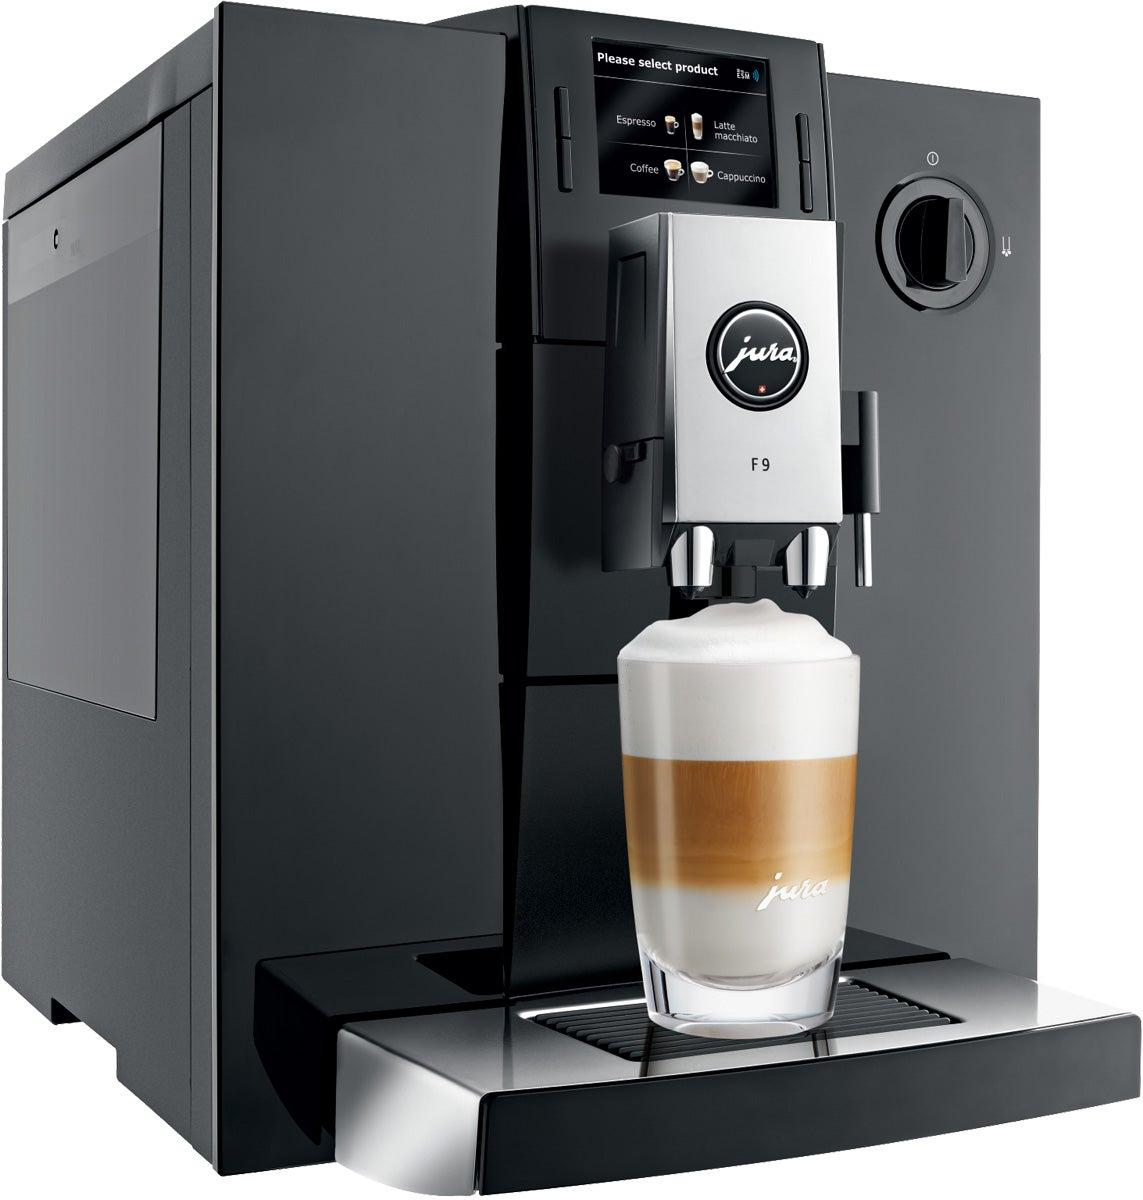 Jura 15044 F9 Coffee Maker